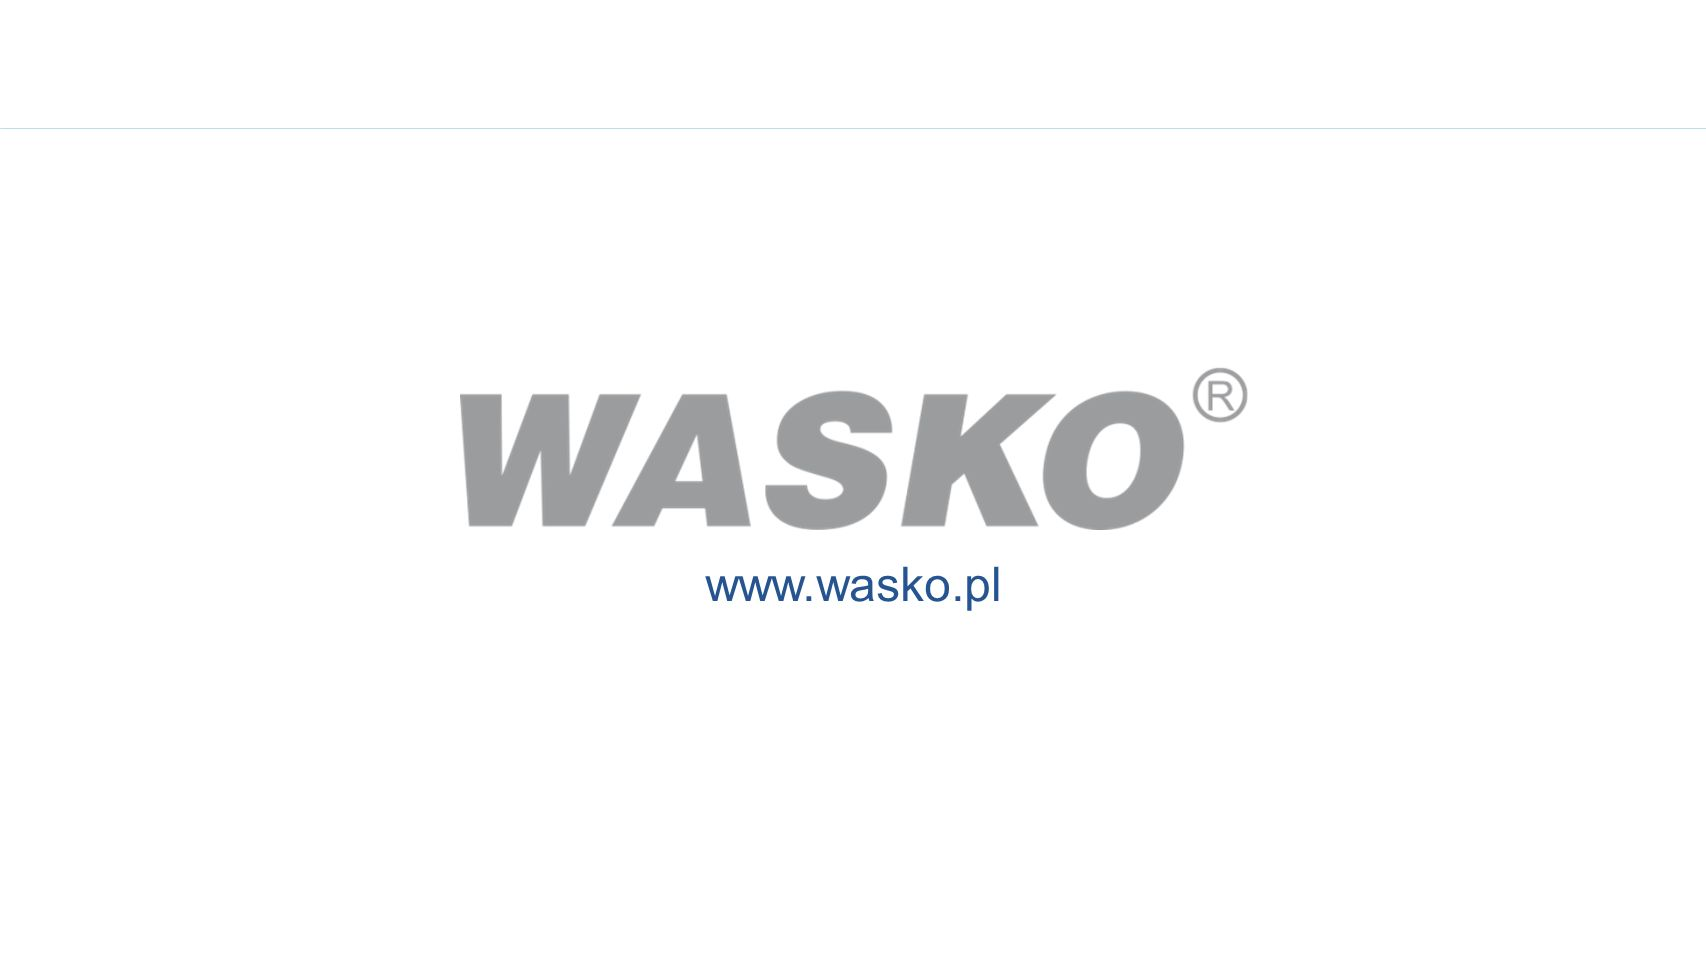 Projekt współfinansowany przez Unię Europejską ze środków Europejskiego Funduszu Rozwoju Regionalnego w ramach Programu Operacyjnego Innowacyjna Gospodarka www.wasko.pl Platforma innowacyjnego wspomagania działalności Niezależnego Operatora Pomiarowego Architektura i podstawowe informacje